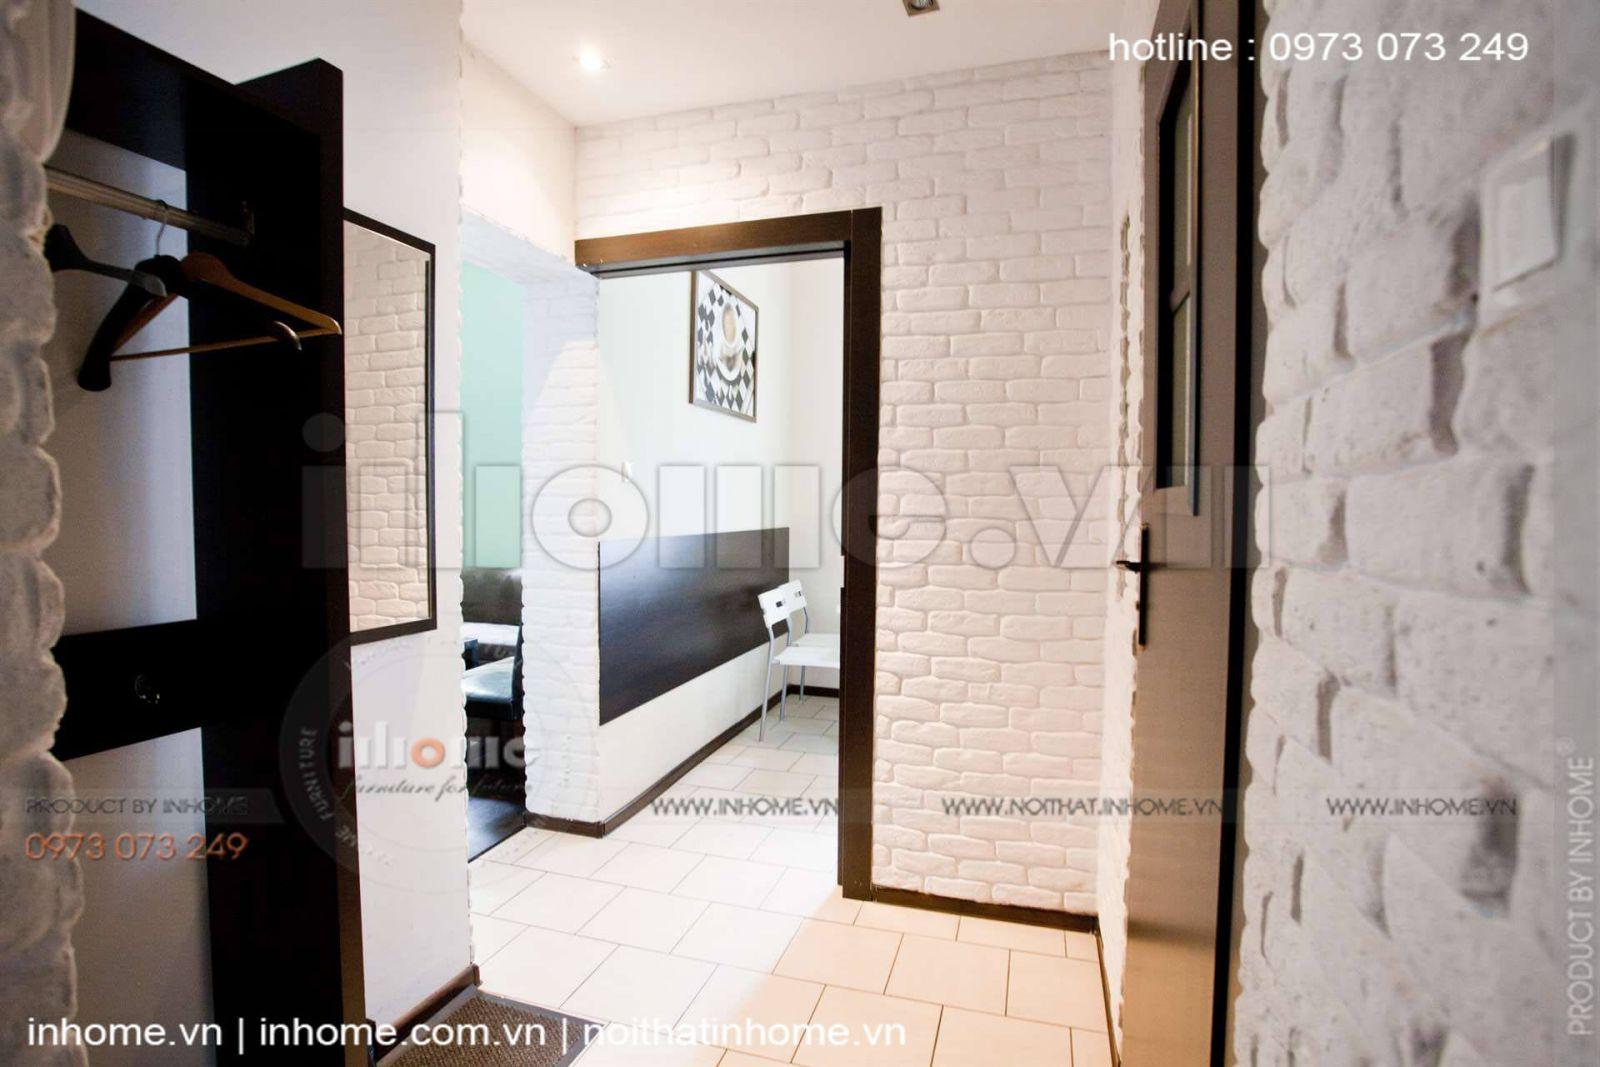 Thiết kế căn hộ 60m2 2 phòng ngủ 07